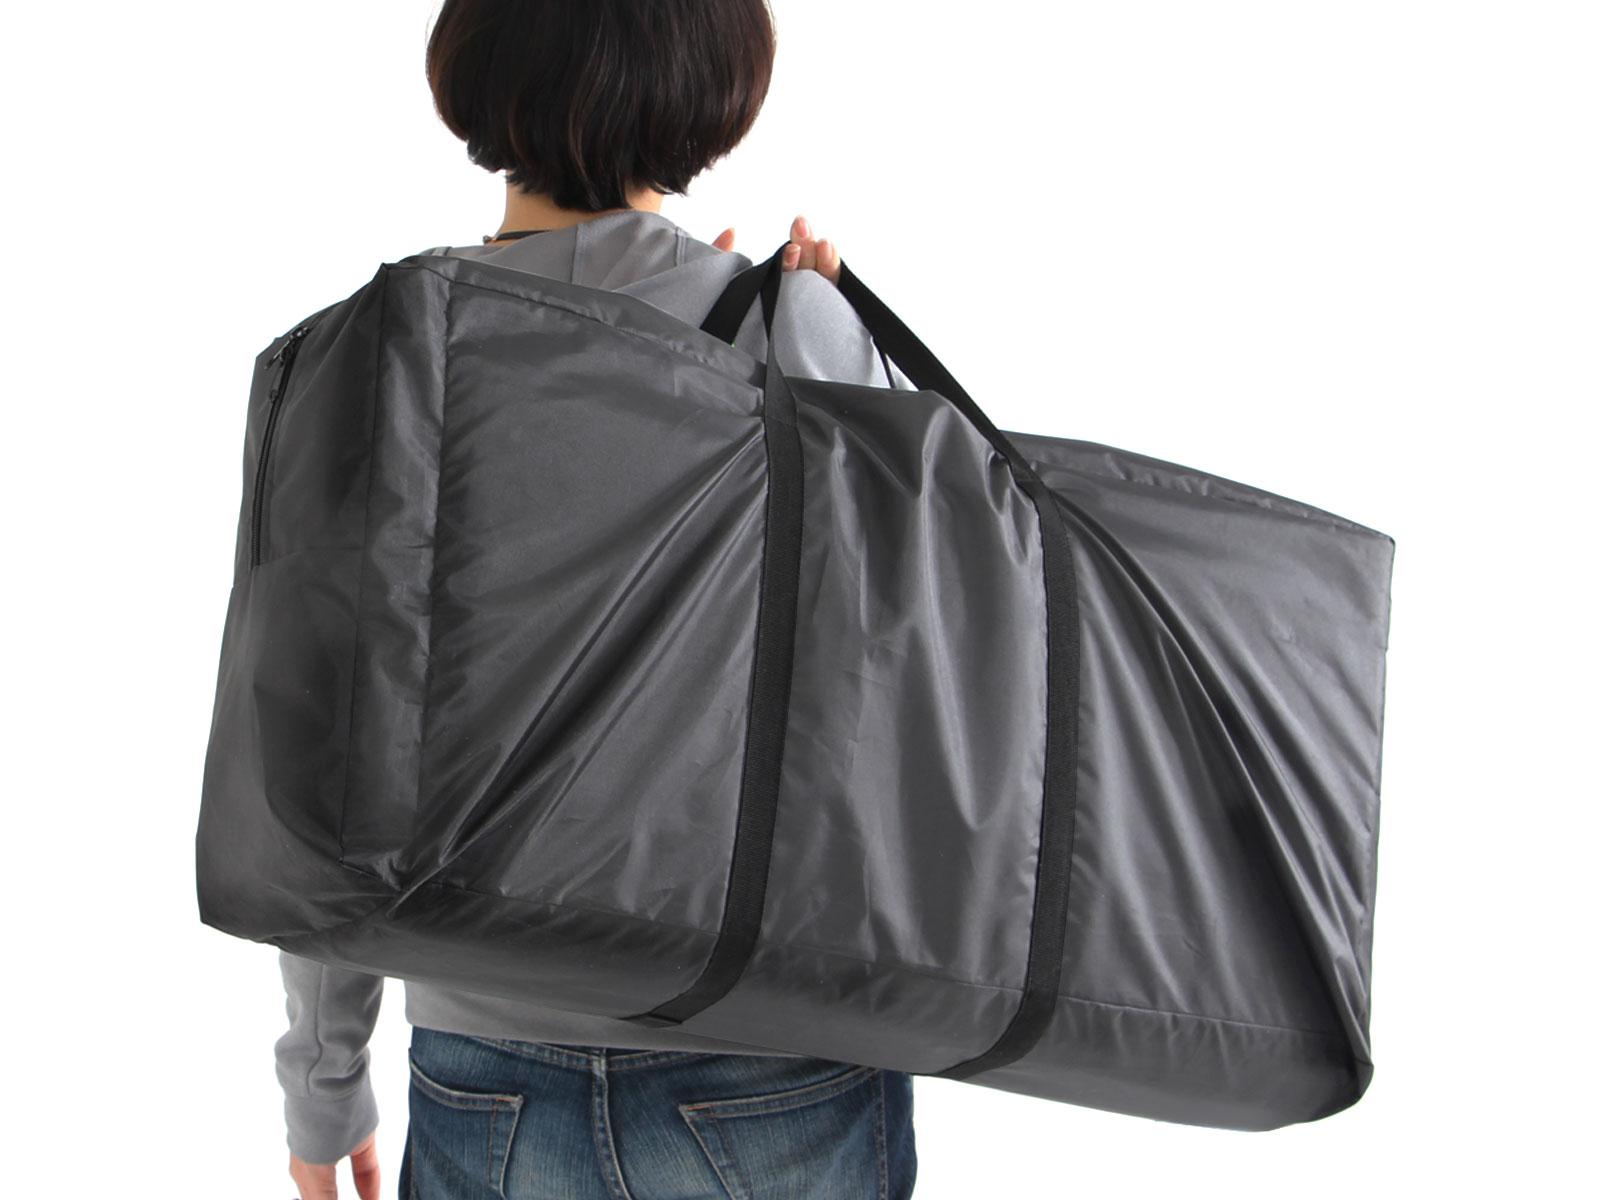 カマボコテント用マットシートセットのメインの特徴(グランドシートとインナーマットが一緒に入る専用キャリーバッグ)